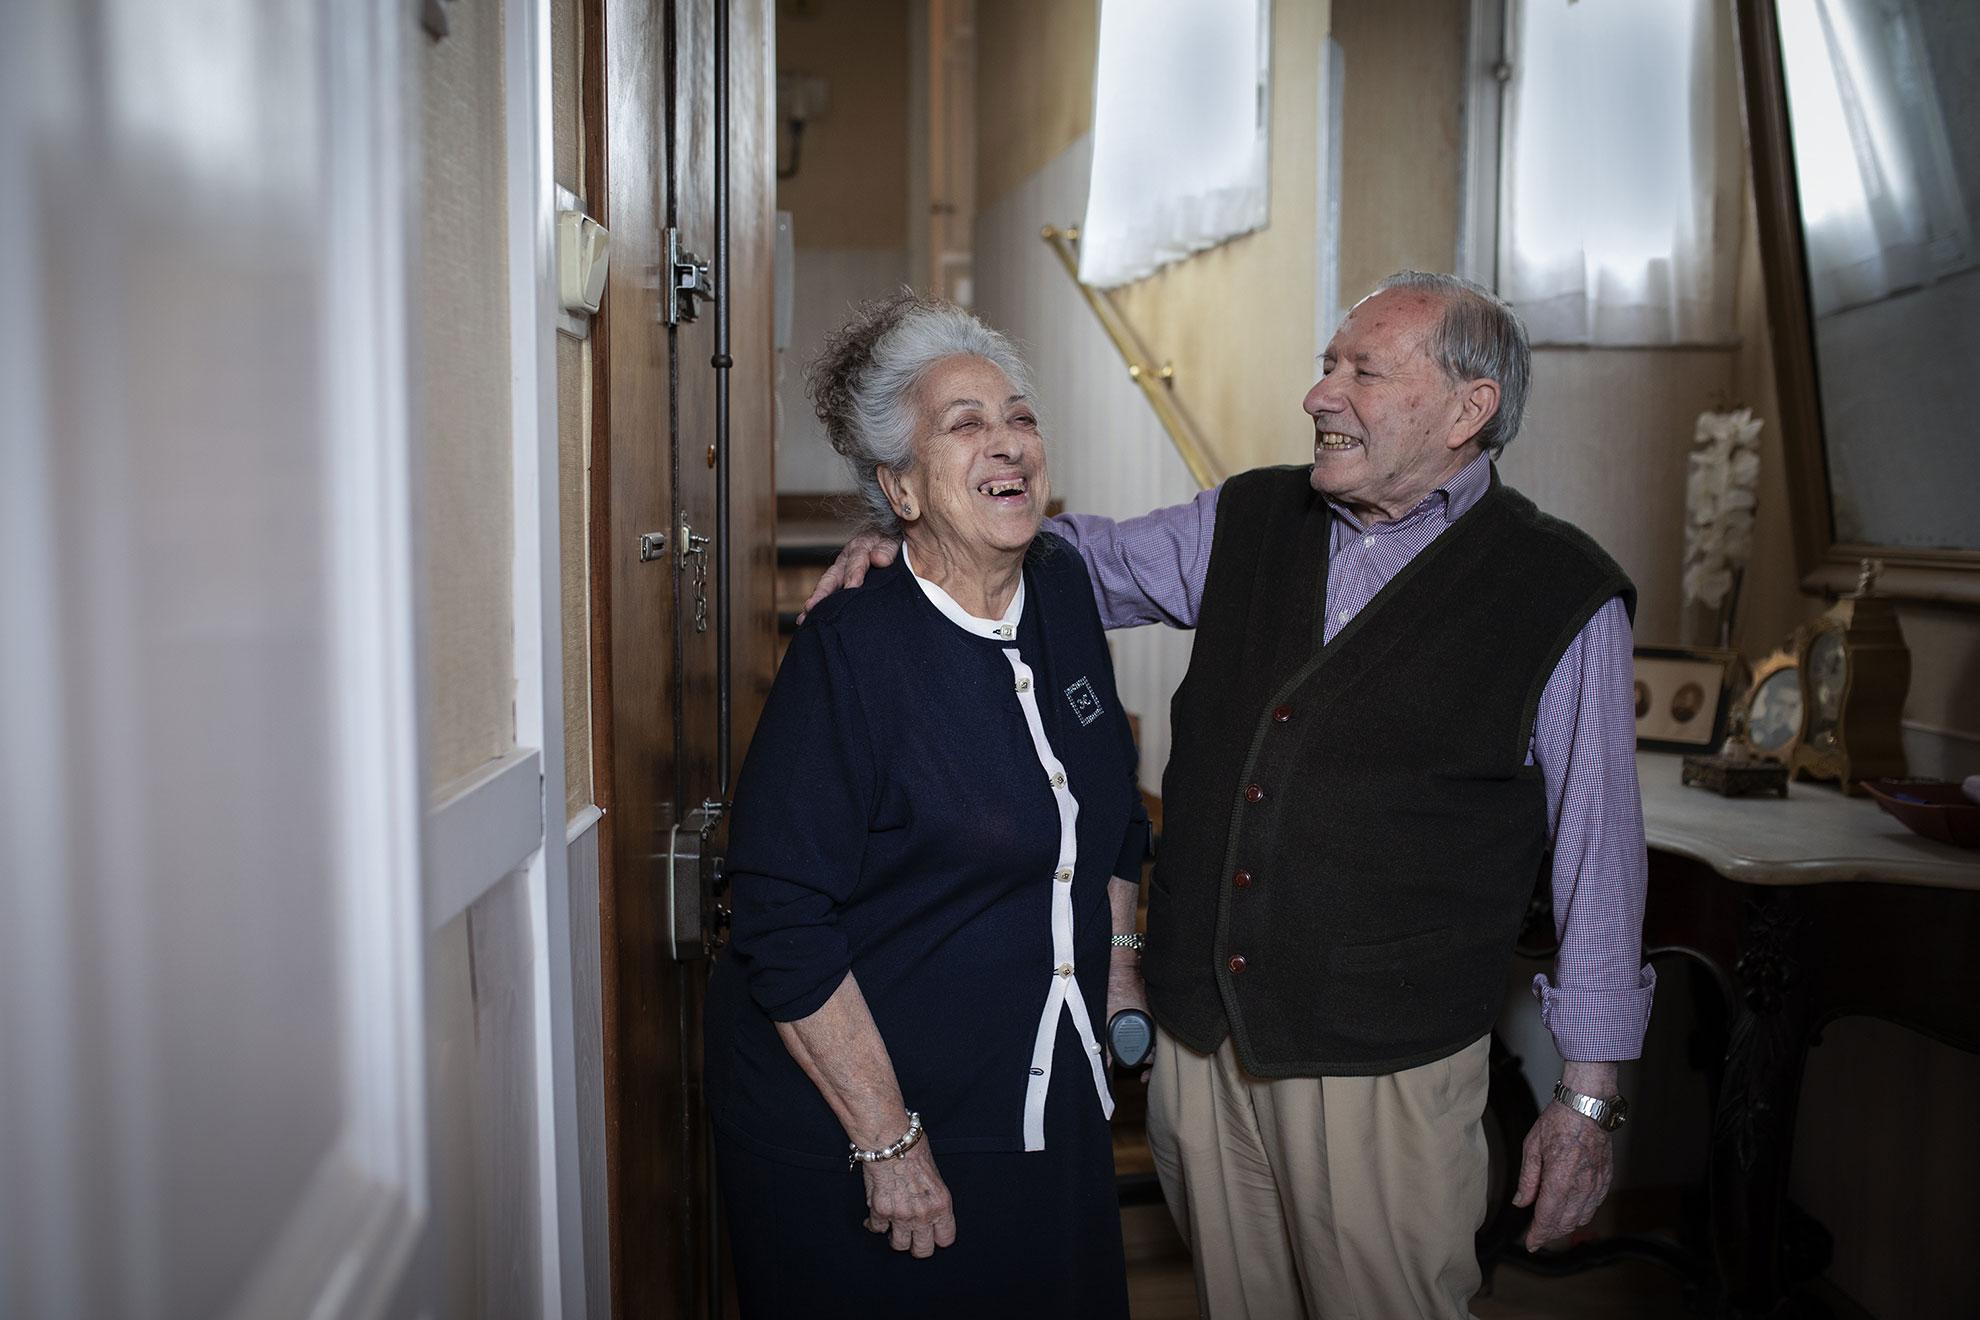 """María Luisa (83) y Ramón (83) estaban destinados a pasar la vida juntos. Los dos nacieron casi al a la vez, en el mismo bloque donde siguen viviendo hoy. A ella la parieron en el sótano para esquivar las bombas que caian en Madrid en 1937, en plena guerra civil.En este edificio cercano al congreso, crecieron ambos. Ella se enamoró de un artista, se casó y tuvo 4 hijos. Ramón estuvo enamorado de Maria Luisa toda su vida y cuando enviudaron, el reencuentro fue inevitable.""""Me enrollé con el hace 17 años""""explica María Luisa con las mismas palabras que usaría una adolescente.Dicen que no llevan mal esta situación de confinamiento, que hay que conformarse, y que si alguien se aburrees porque tiene pocas perspectivas culturalesy no se les ocurre ponerse a leer o escuchar música.Ellos lo hacen a diario y viendo sus sonrisas parece ser un buen remedio contra la tristeza que causa el Covid-19."""